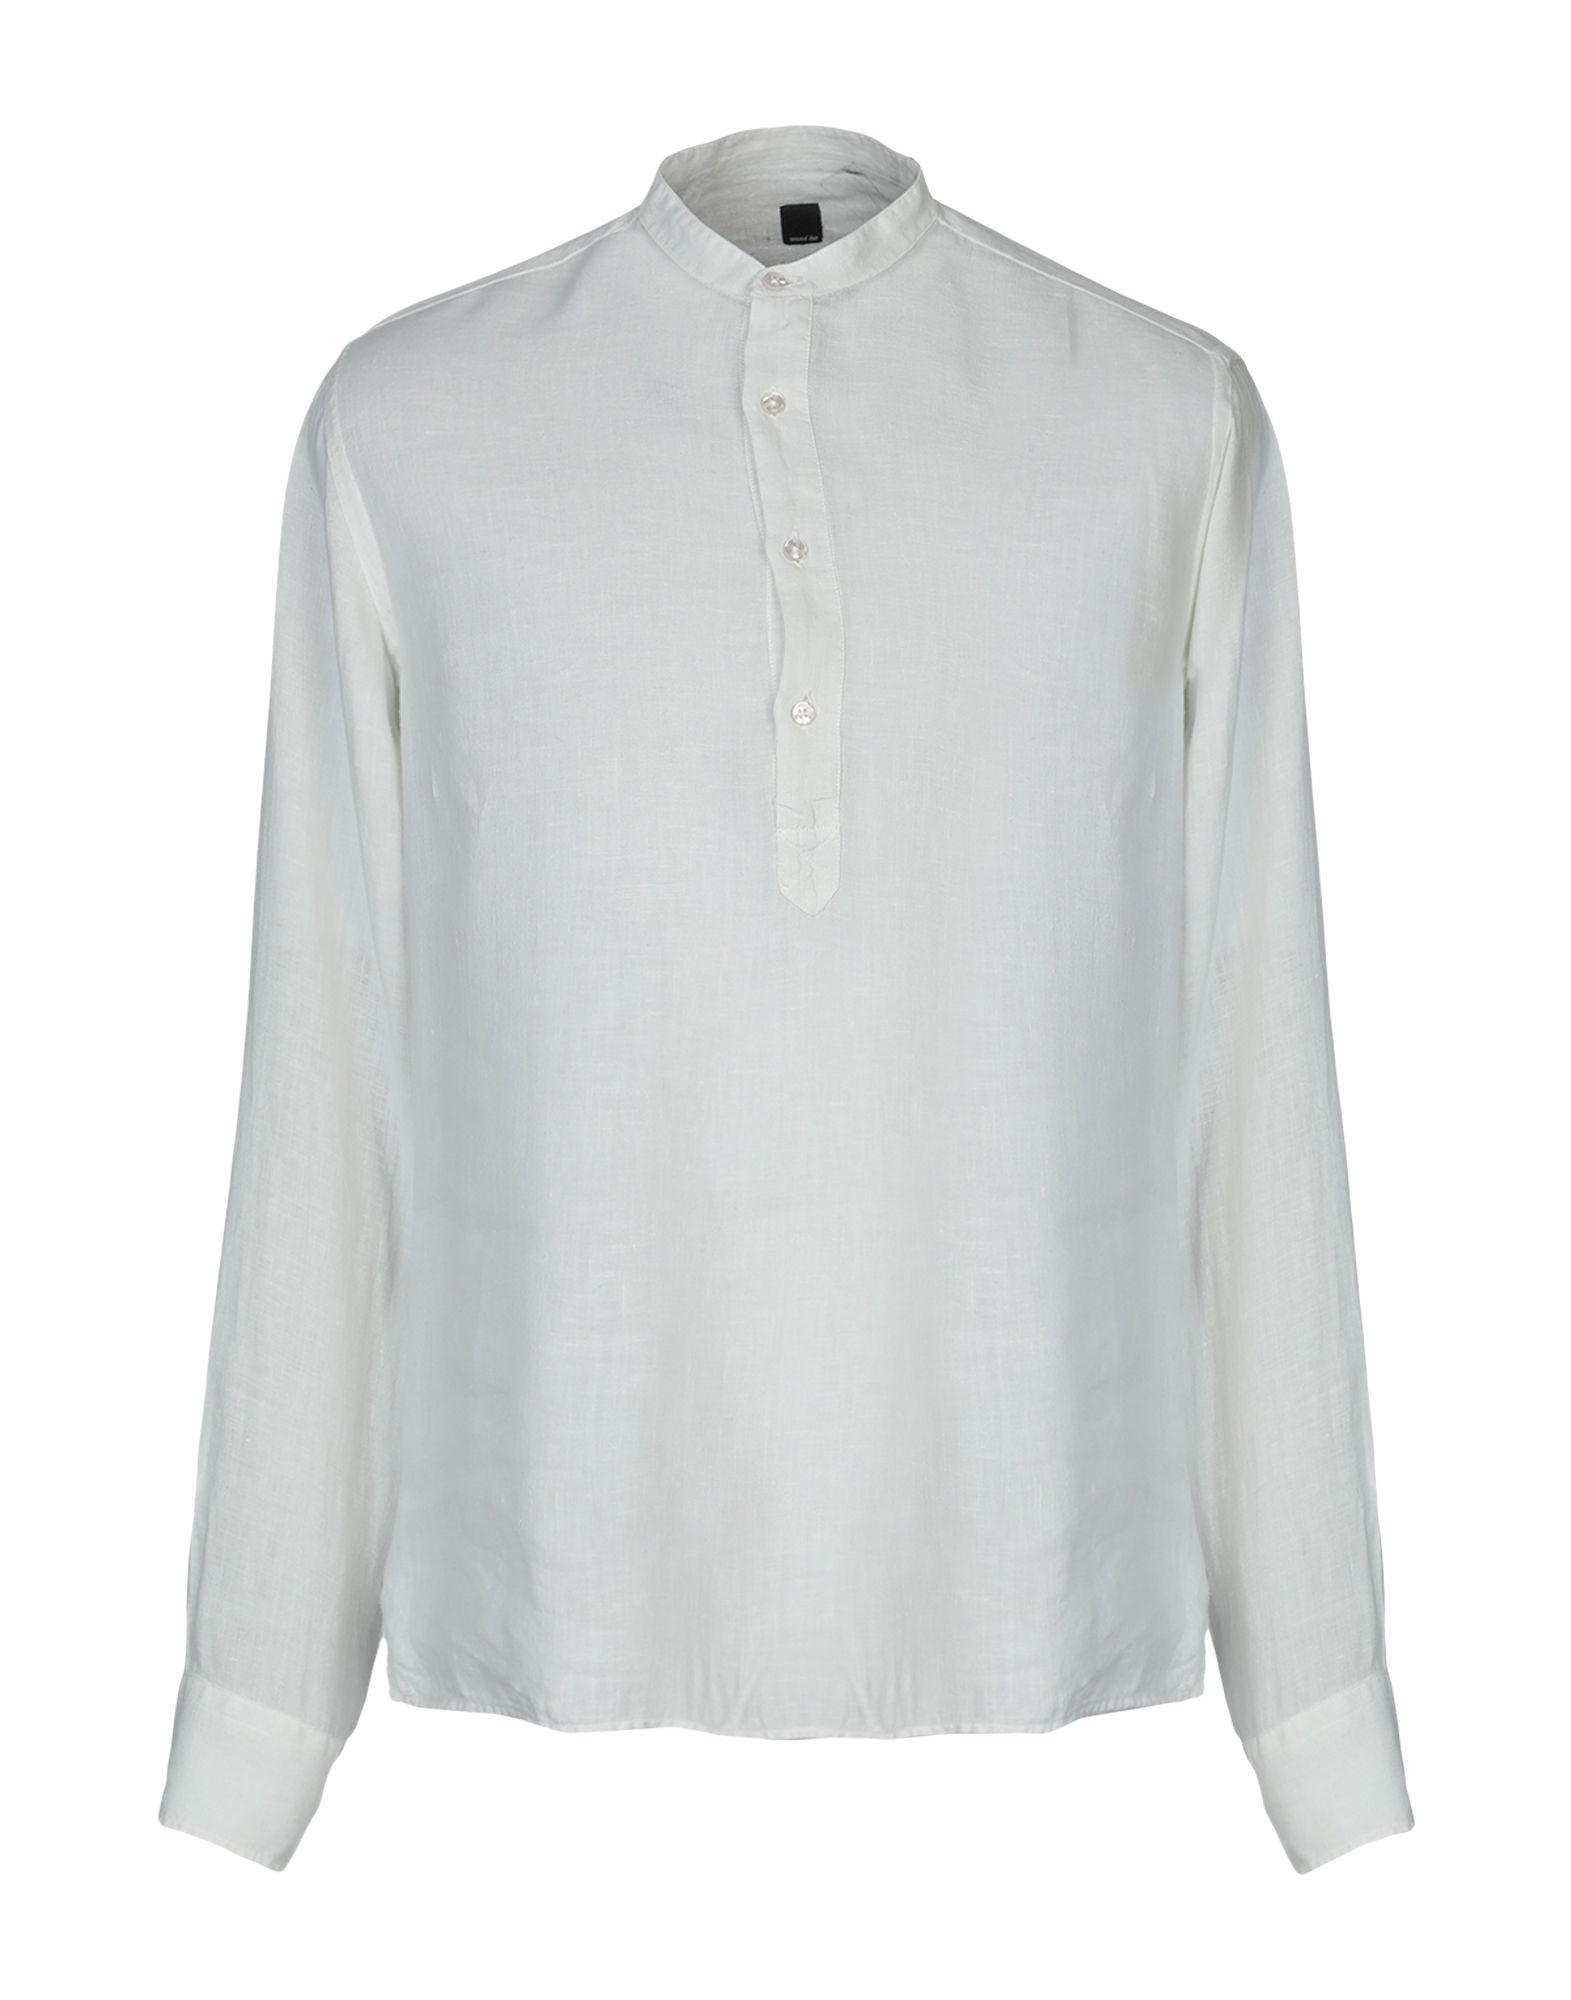 《送料無料》MAXI HO メンズ シャツ ライトグレー 38 麻 100%